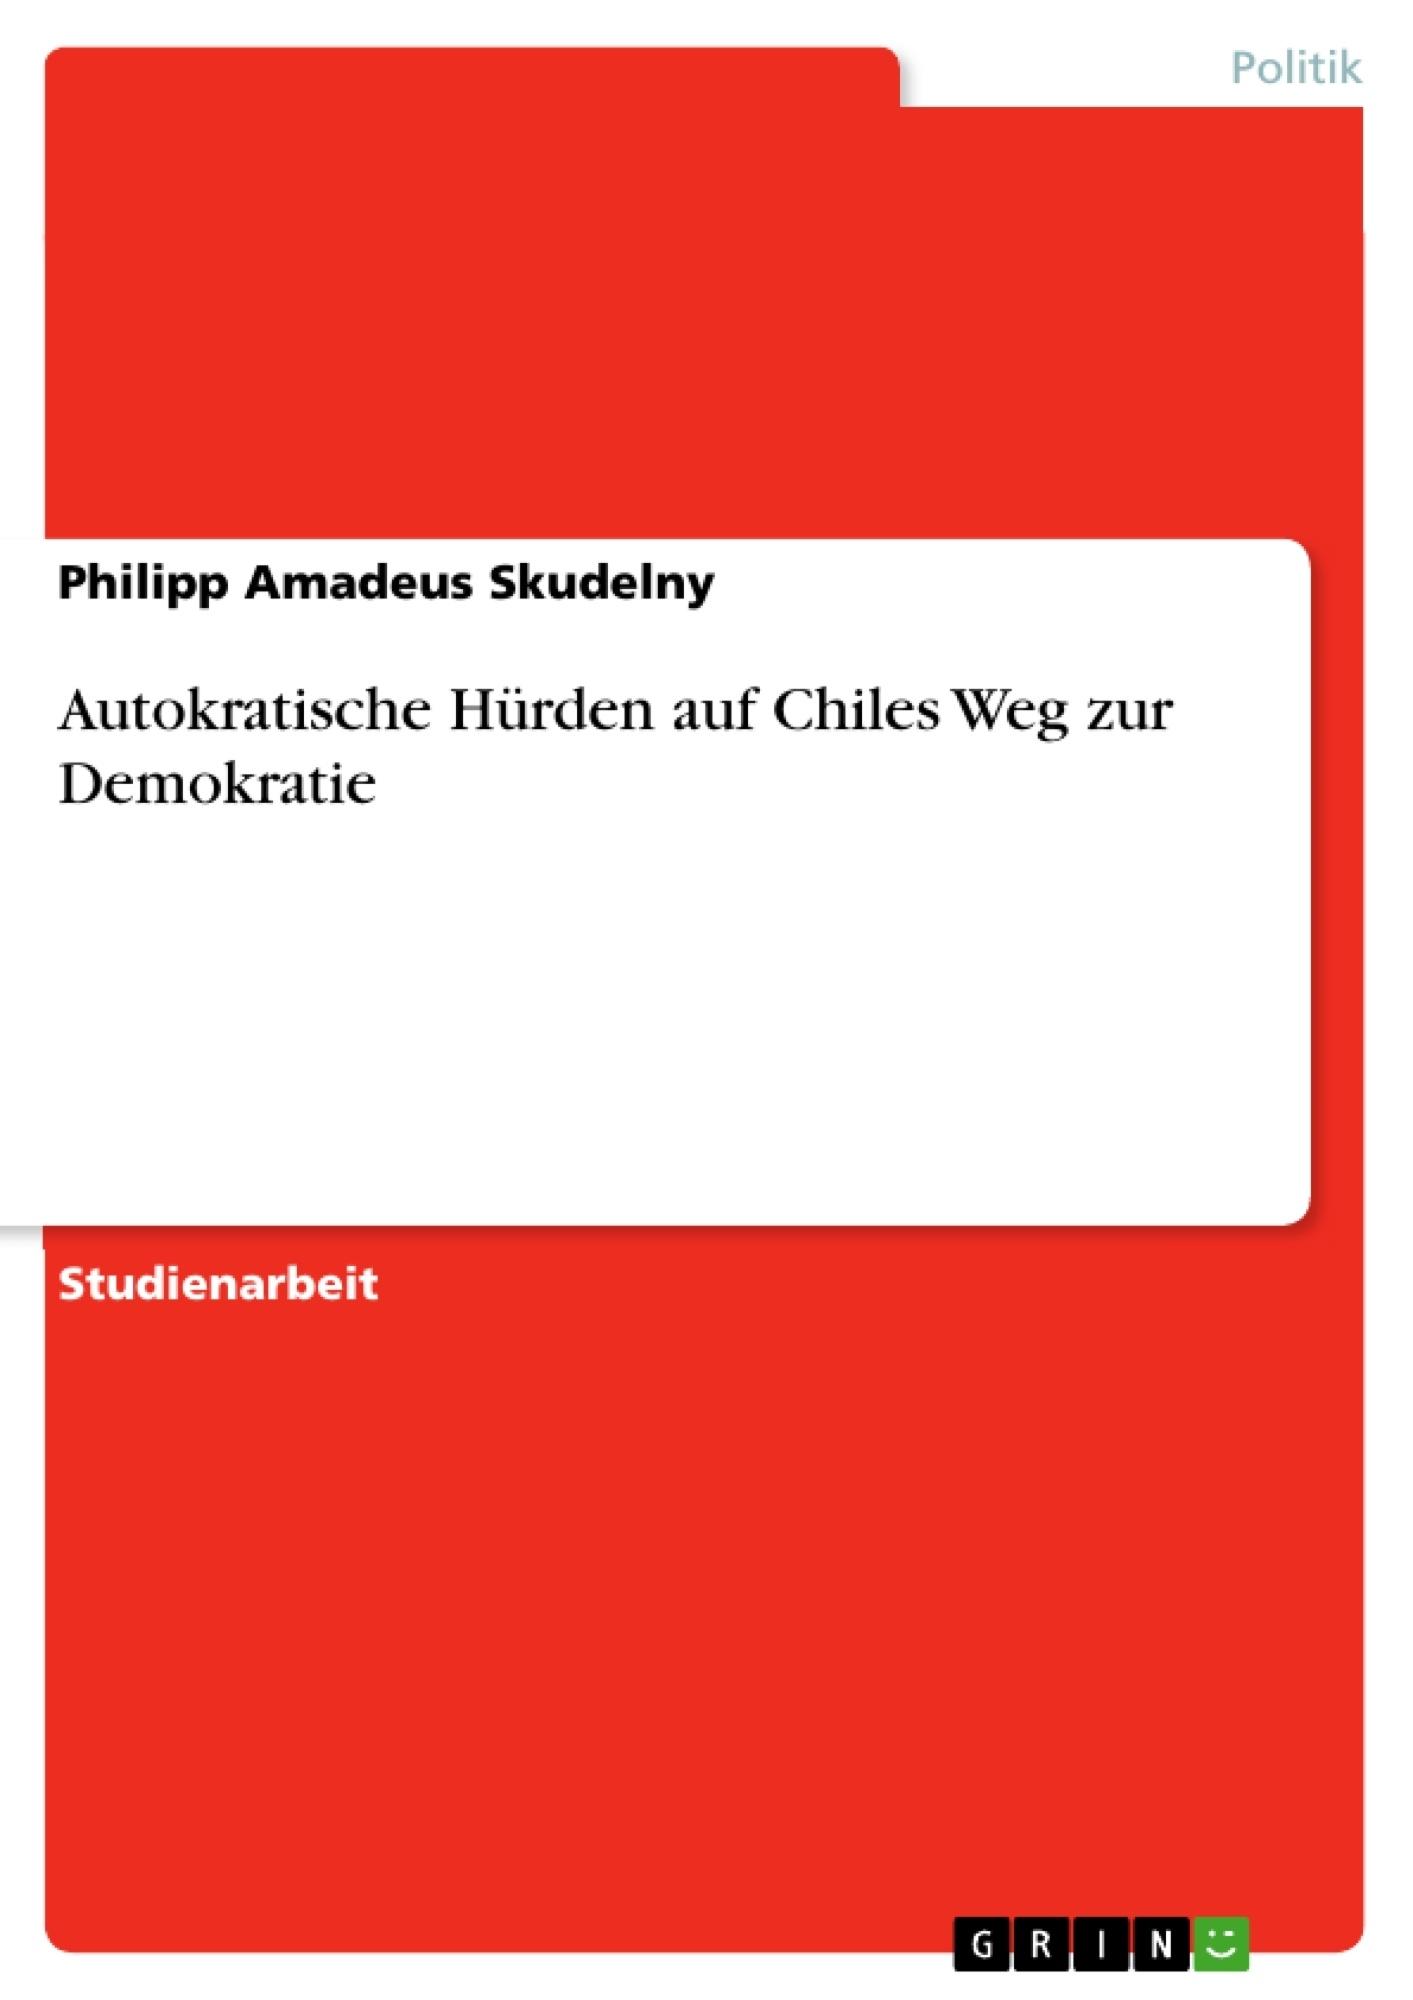 Titel: Autokratische Hürden auf Chiles Weg zur Demokratie